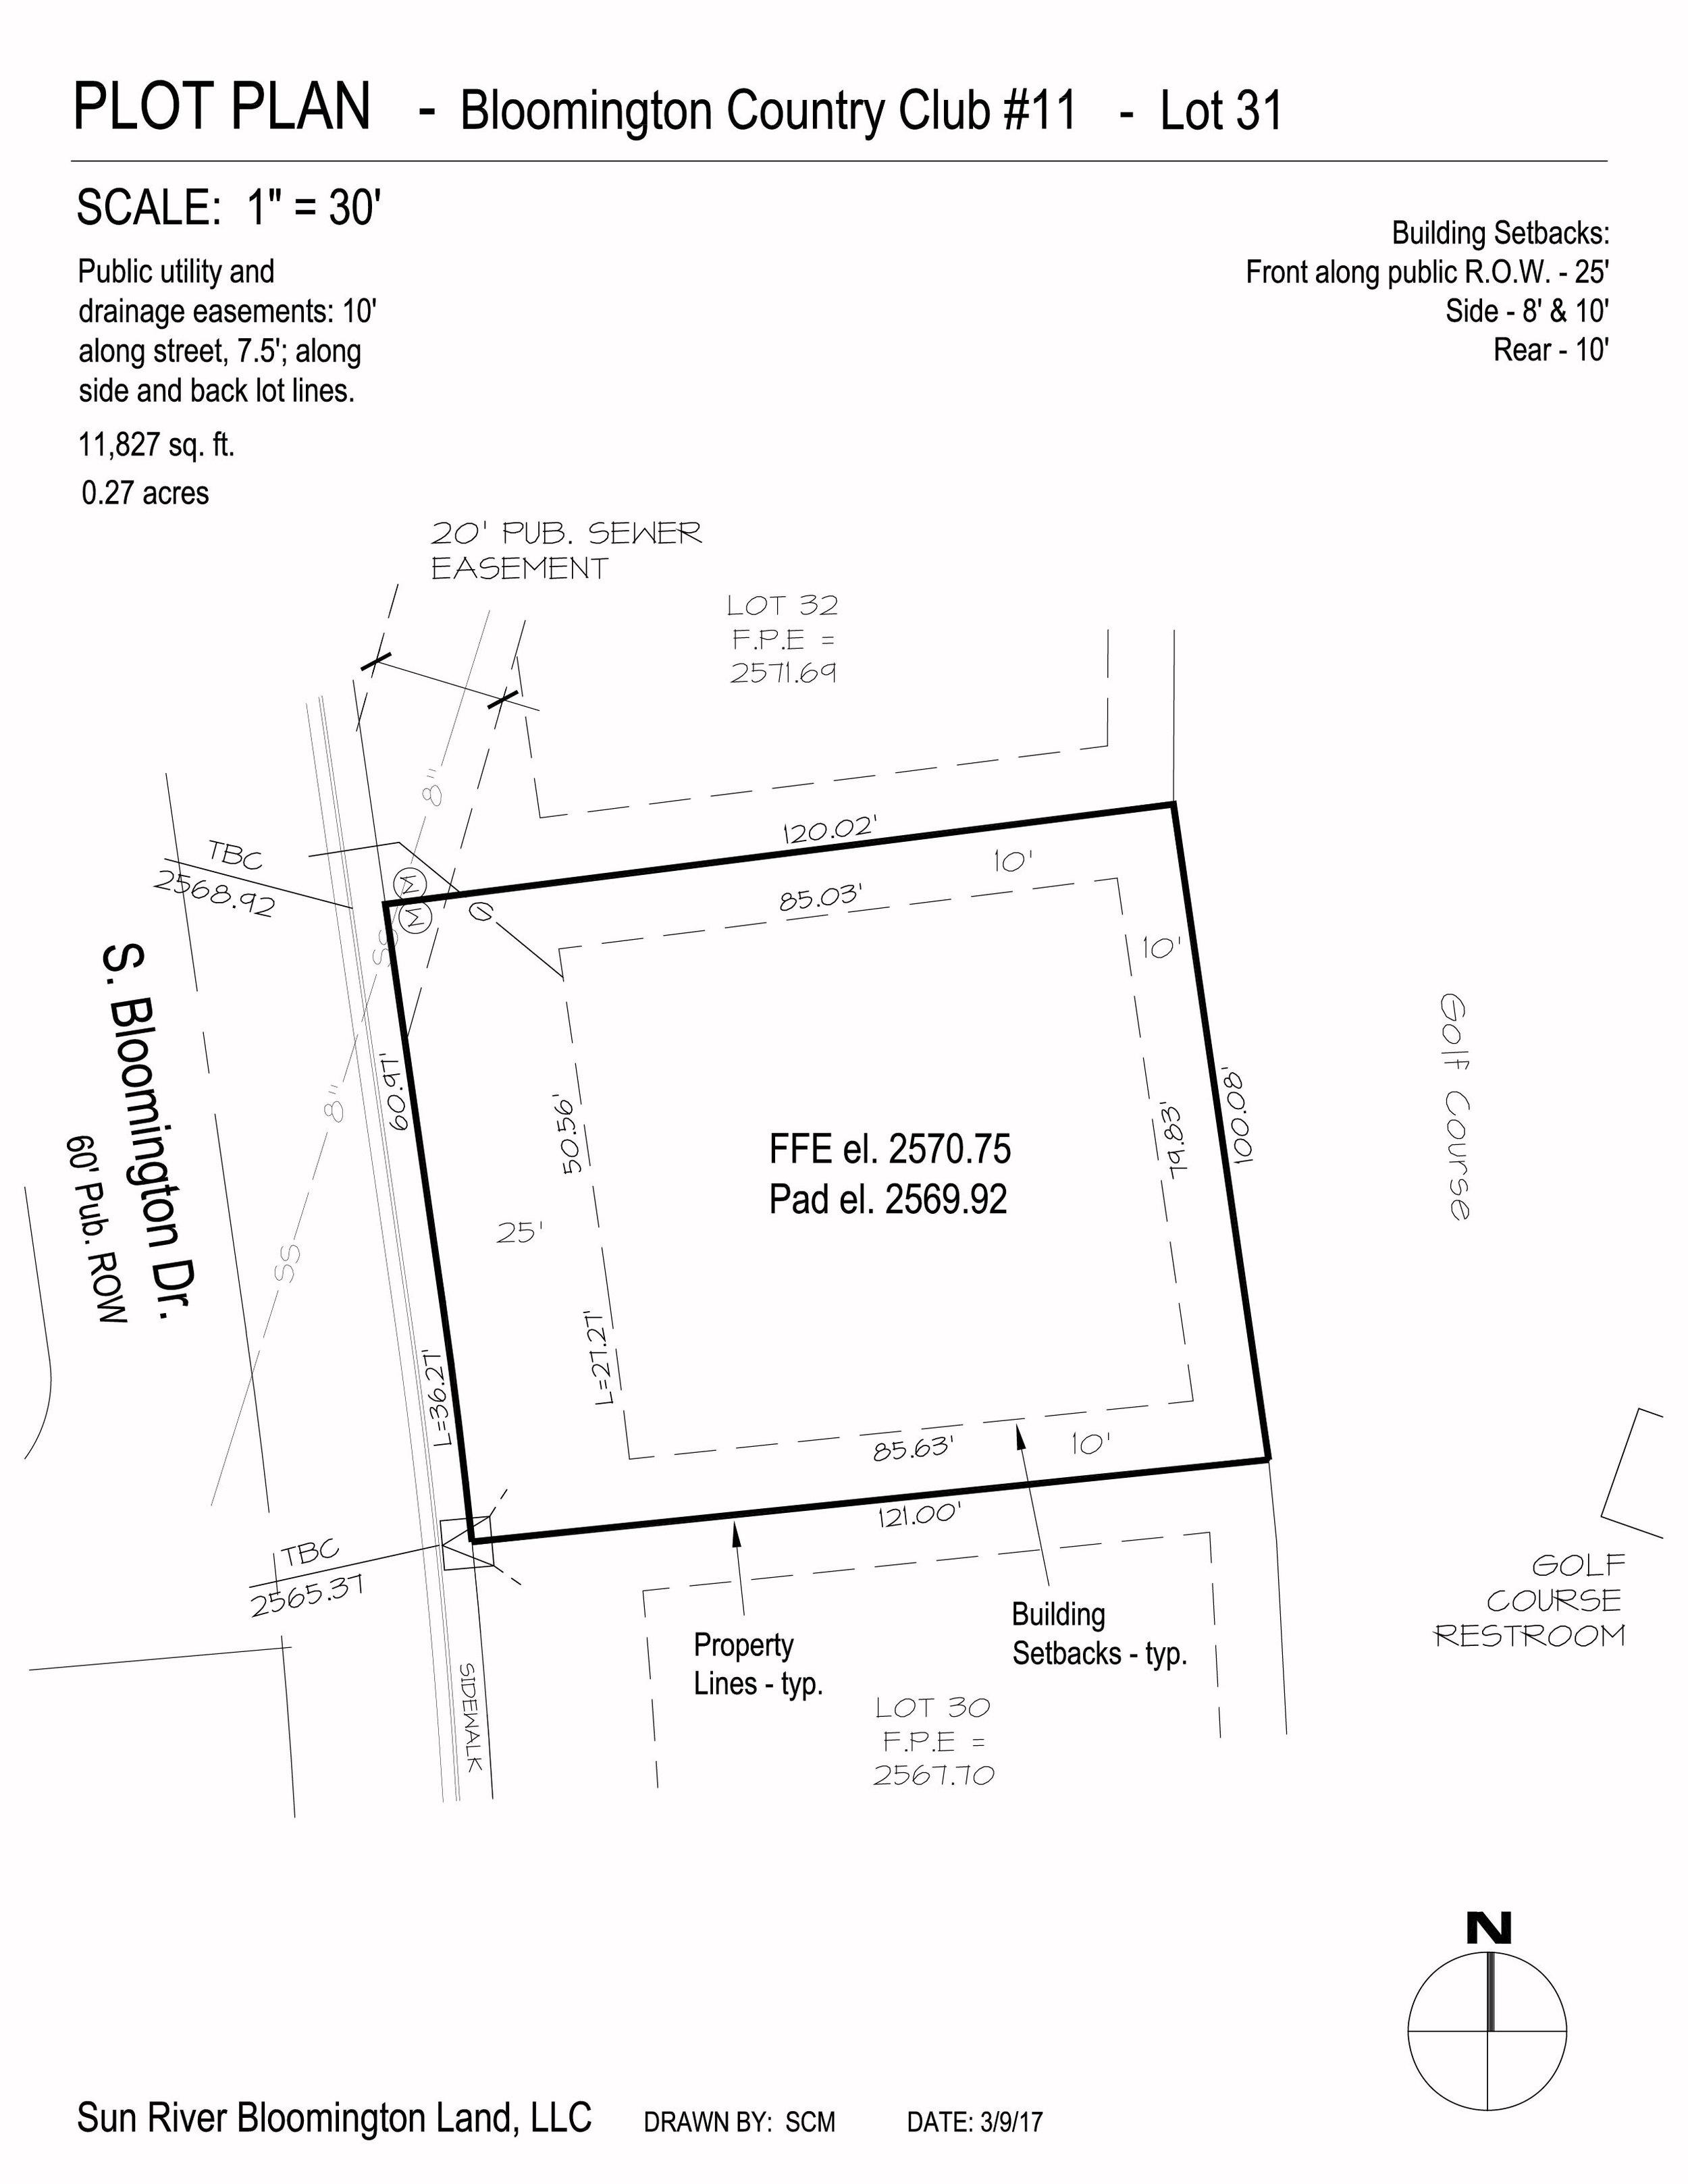 hamblin plot plans-24.jpg